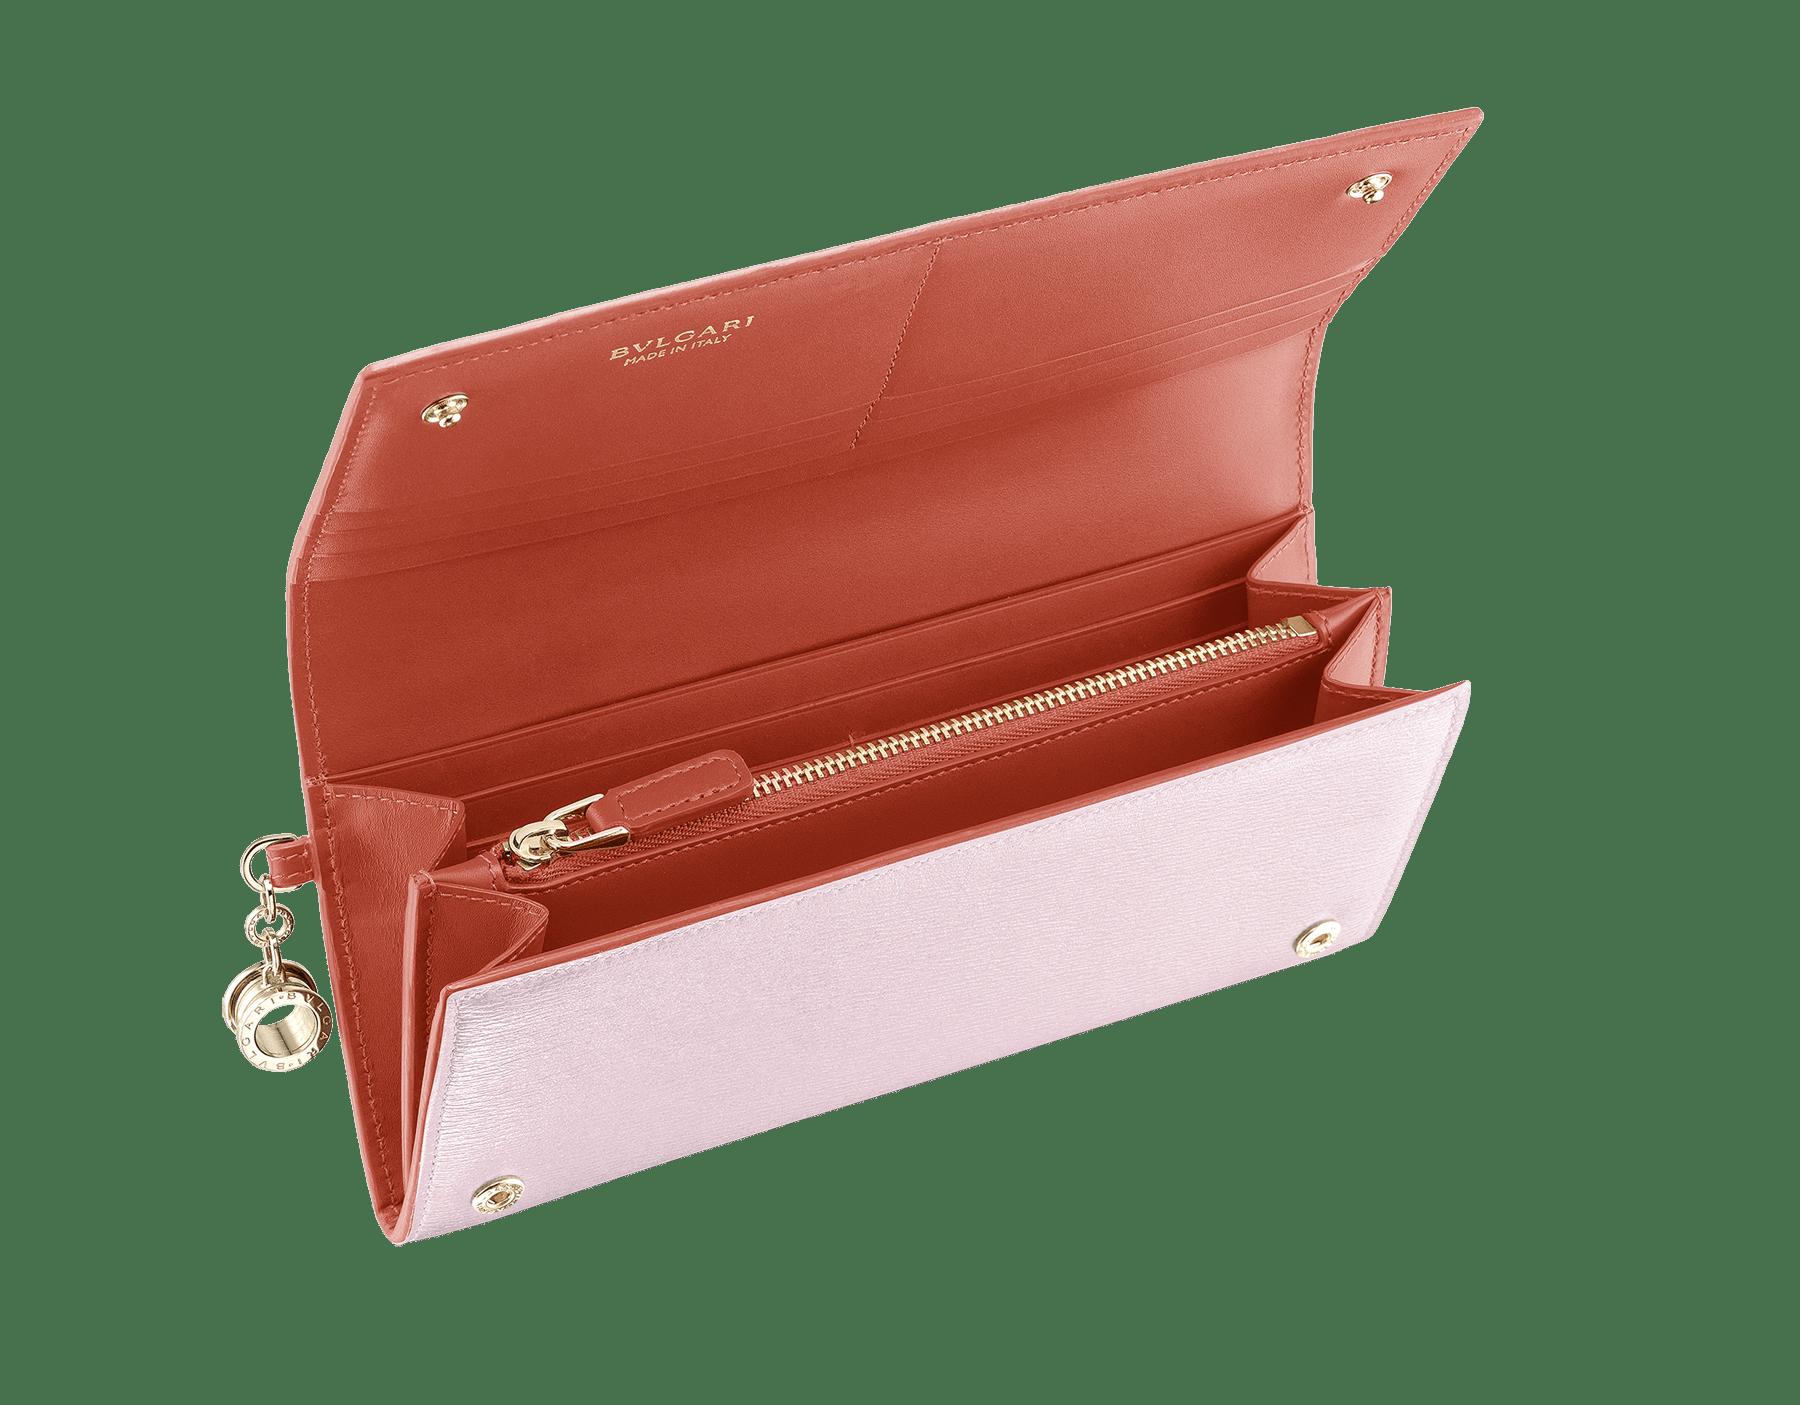 Pochette-portefeuilleB.zero1 en cuir de chèvre couleur Rosa di Francia et Imperial Topaz. Emblématique bijou B.zero1 en laiton doré et fermoir. 289068 image 2